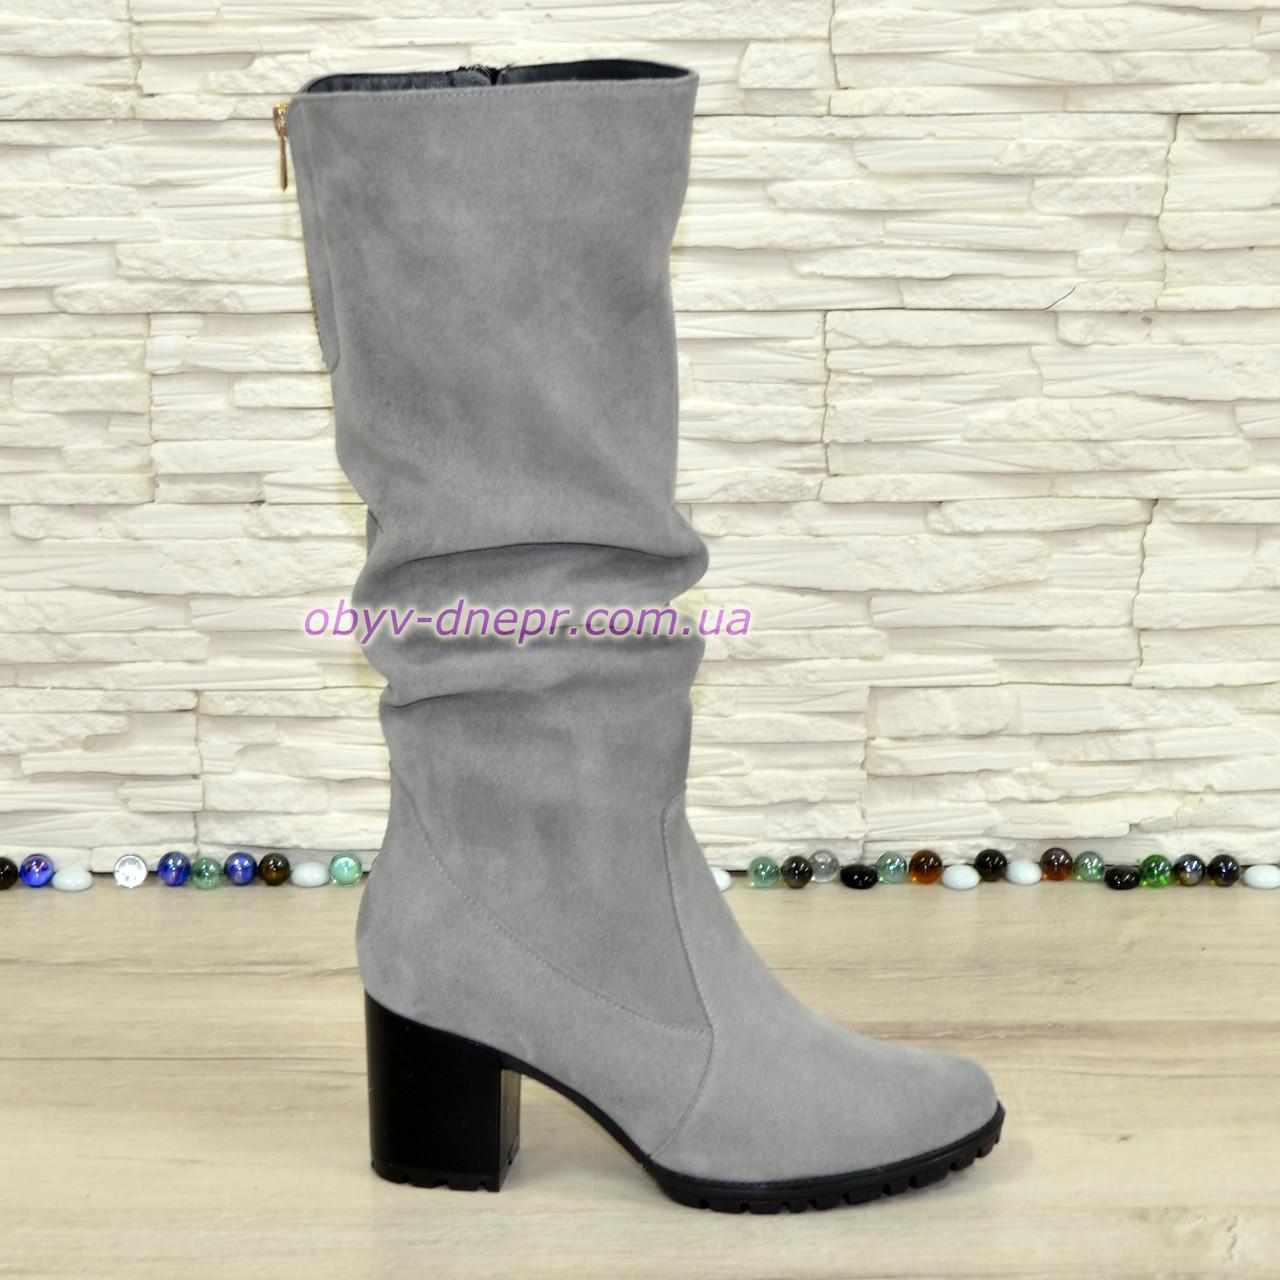 Сапоги женские   серые замшевые на устойчивом каблуке